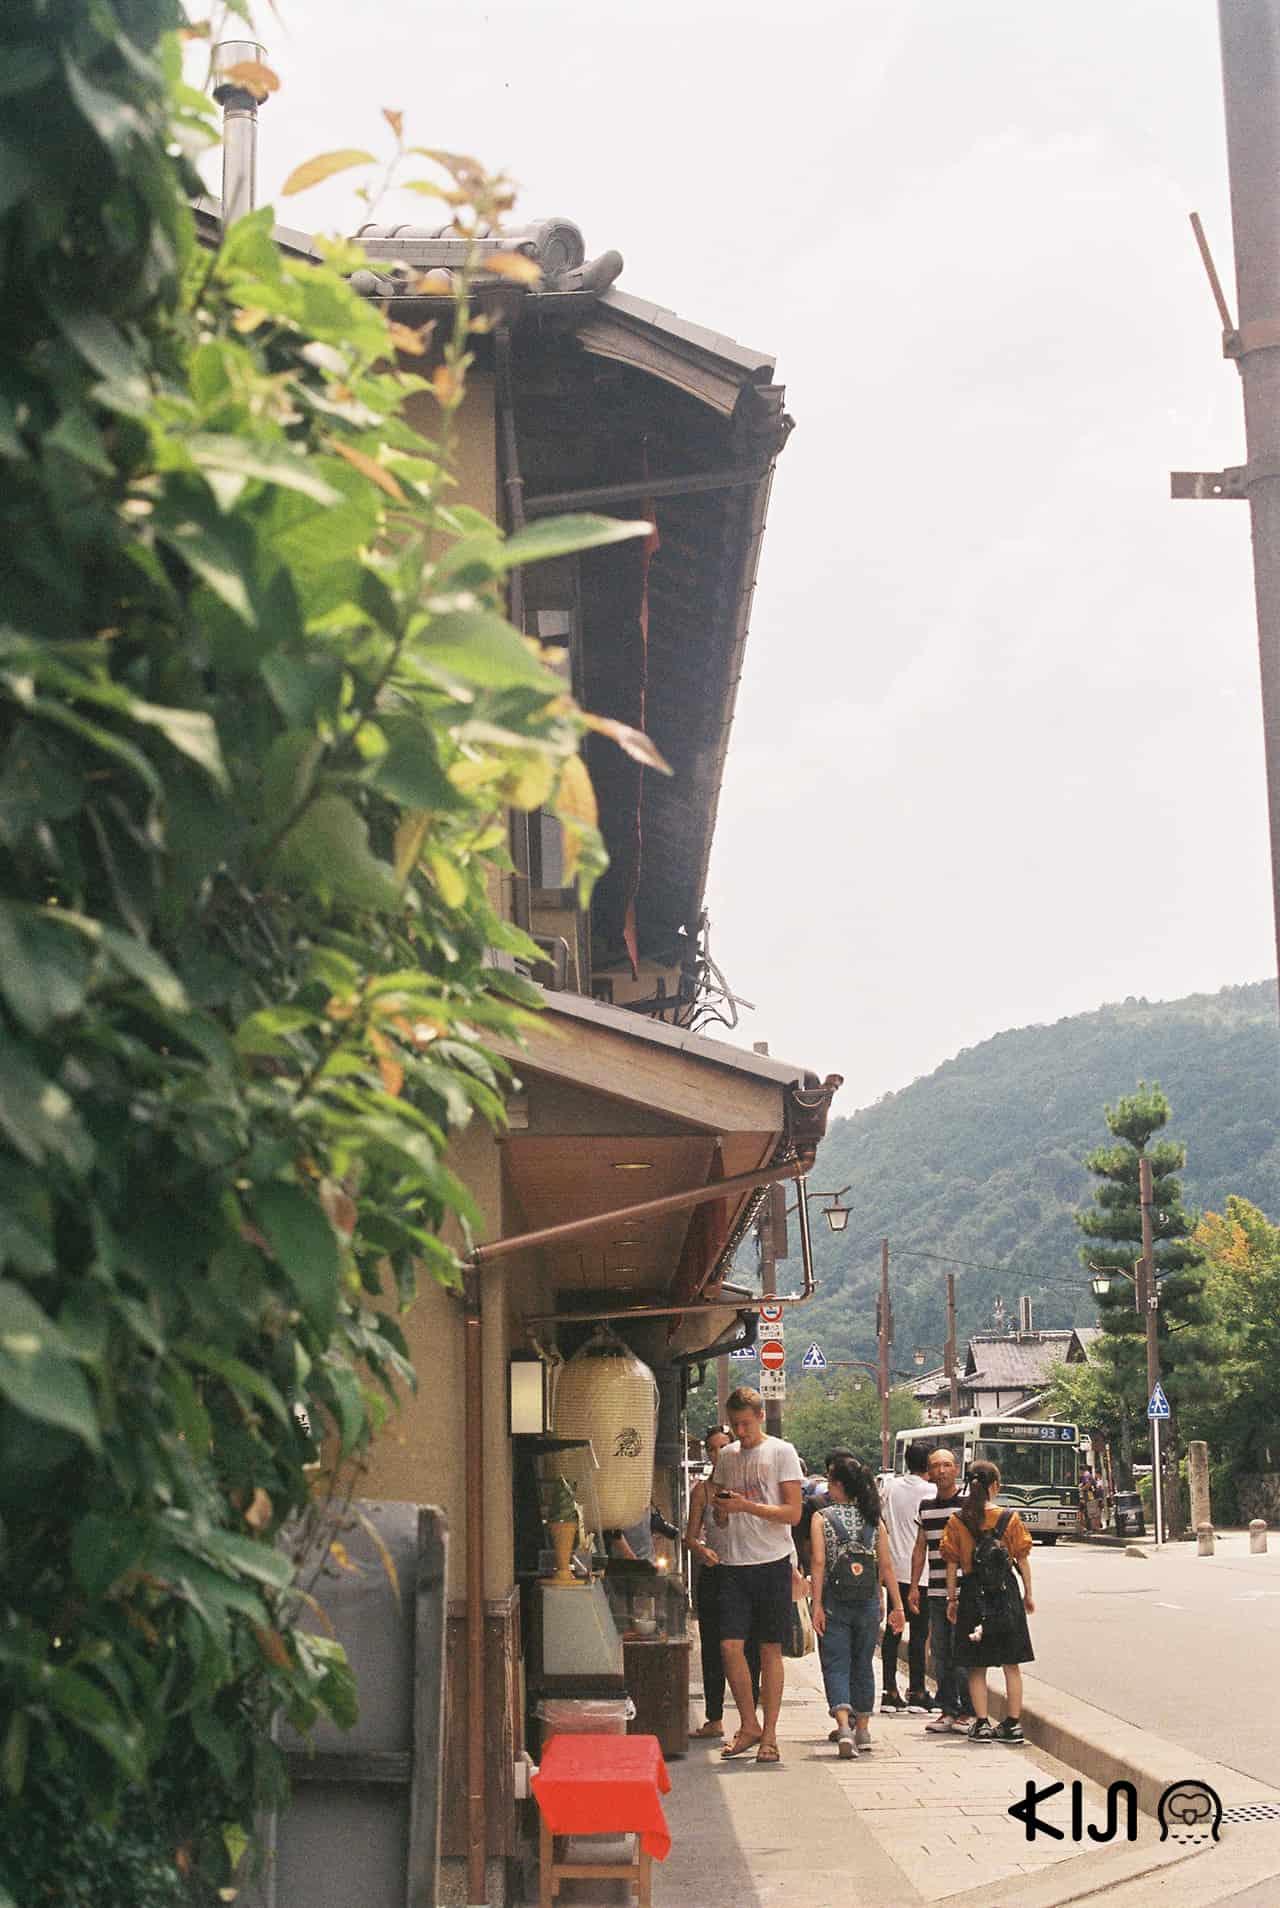 ย่าน Arashiyama มีทั้งร้านอาหาร คาเฟ่ ร้านขายของฝาก